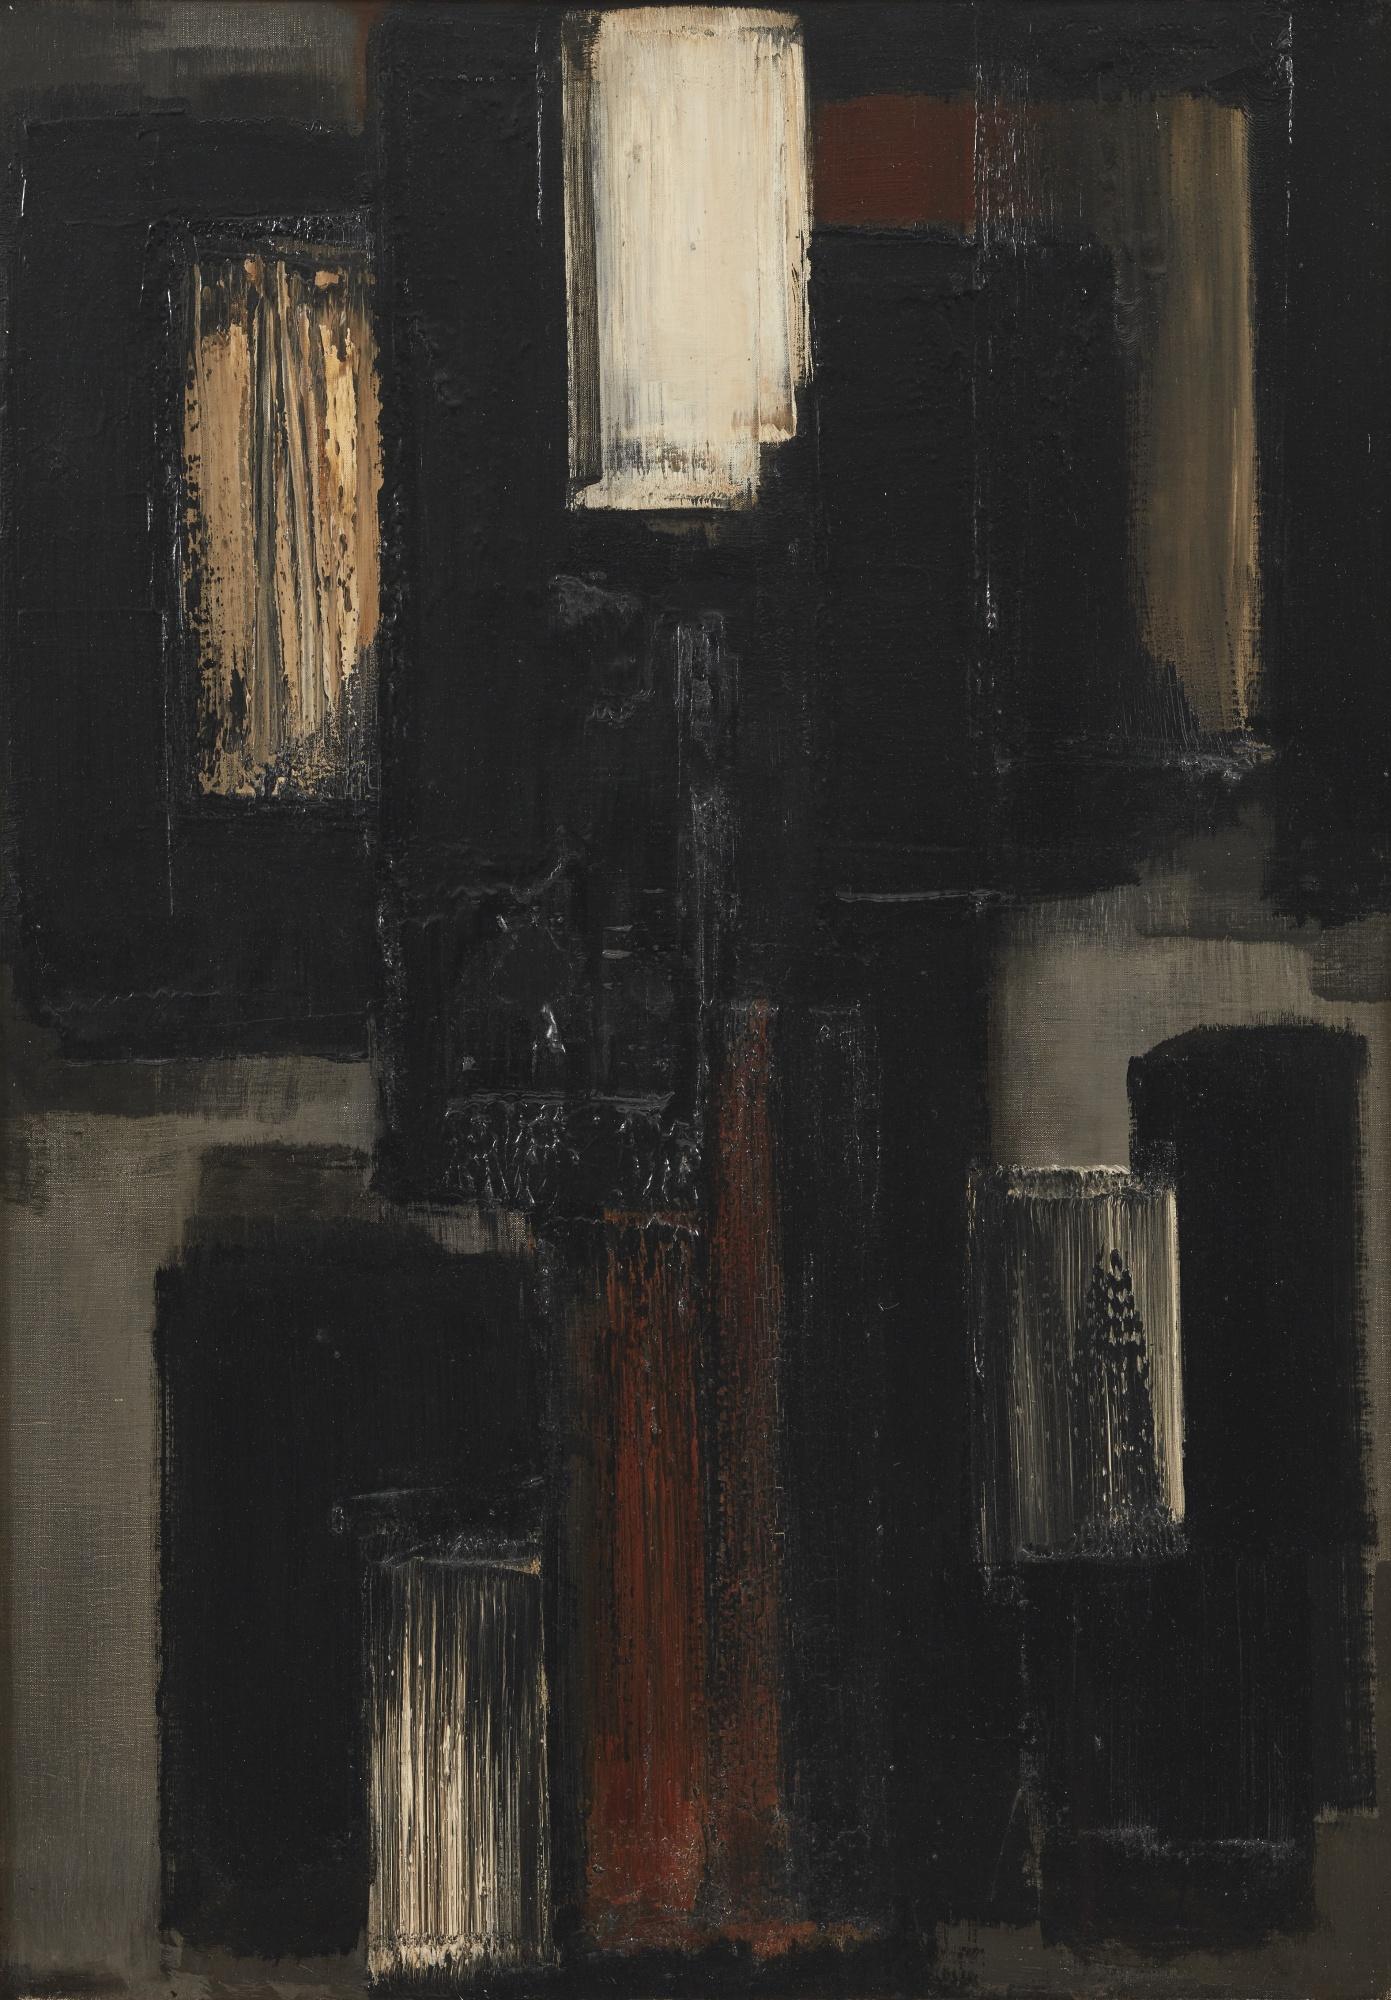 Pierre Soulages-Peinture 92 X 65 Cm, 1955-1955